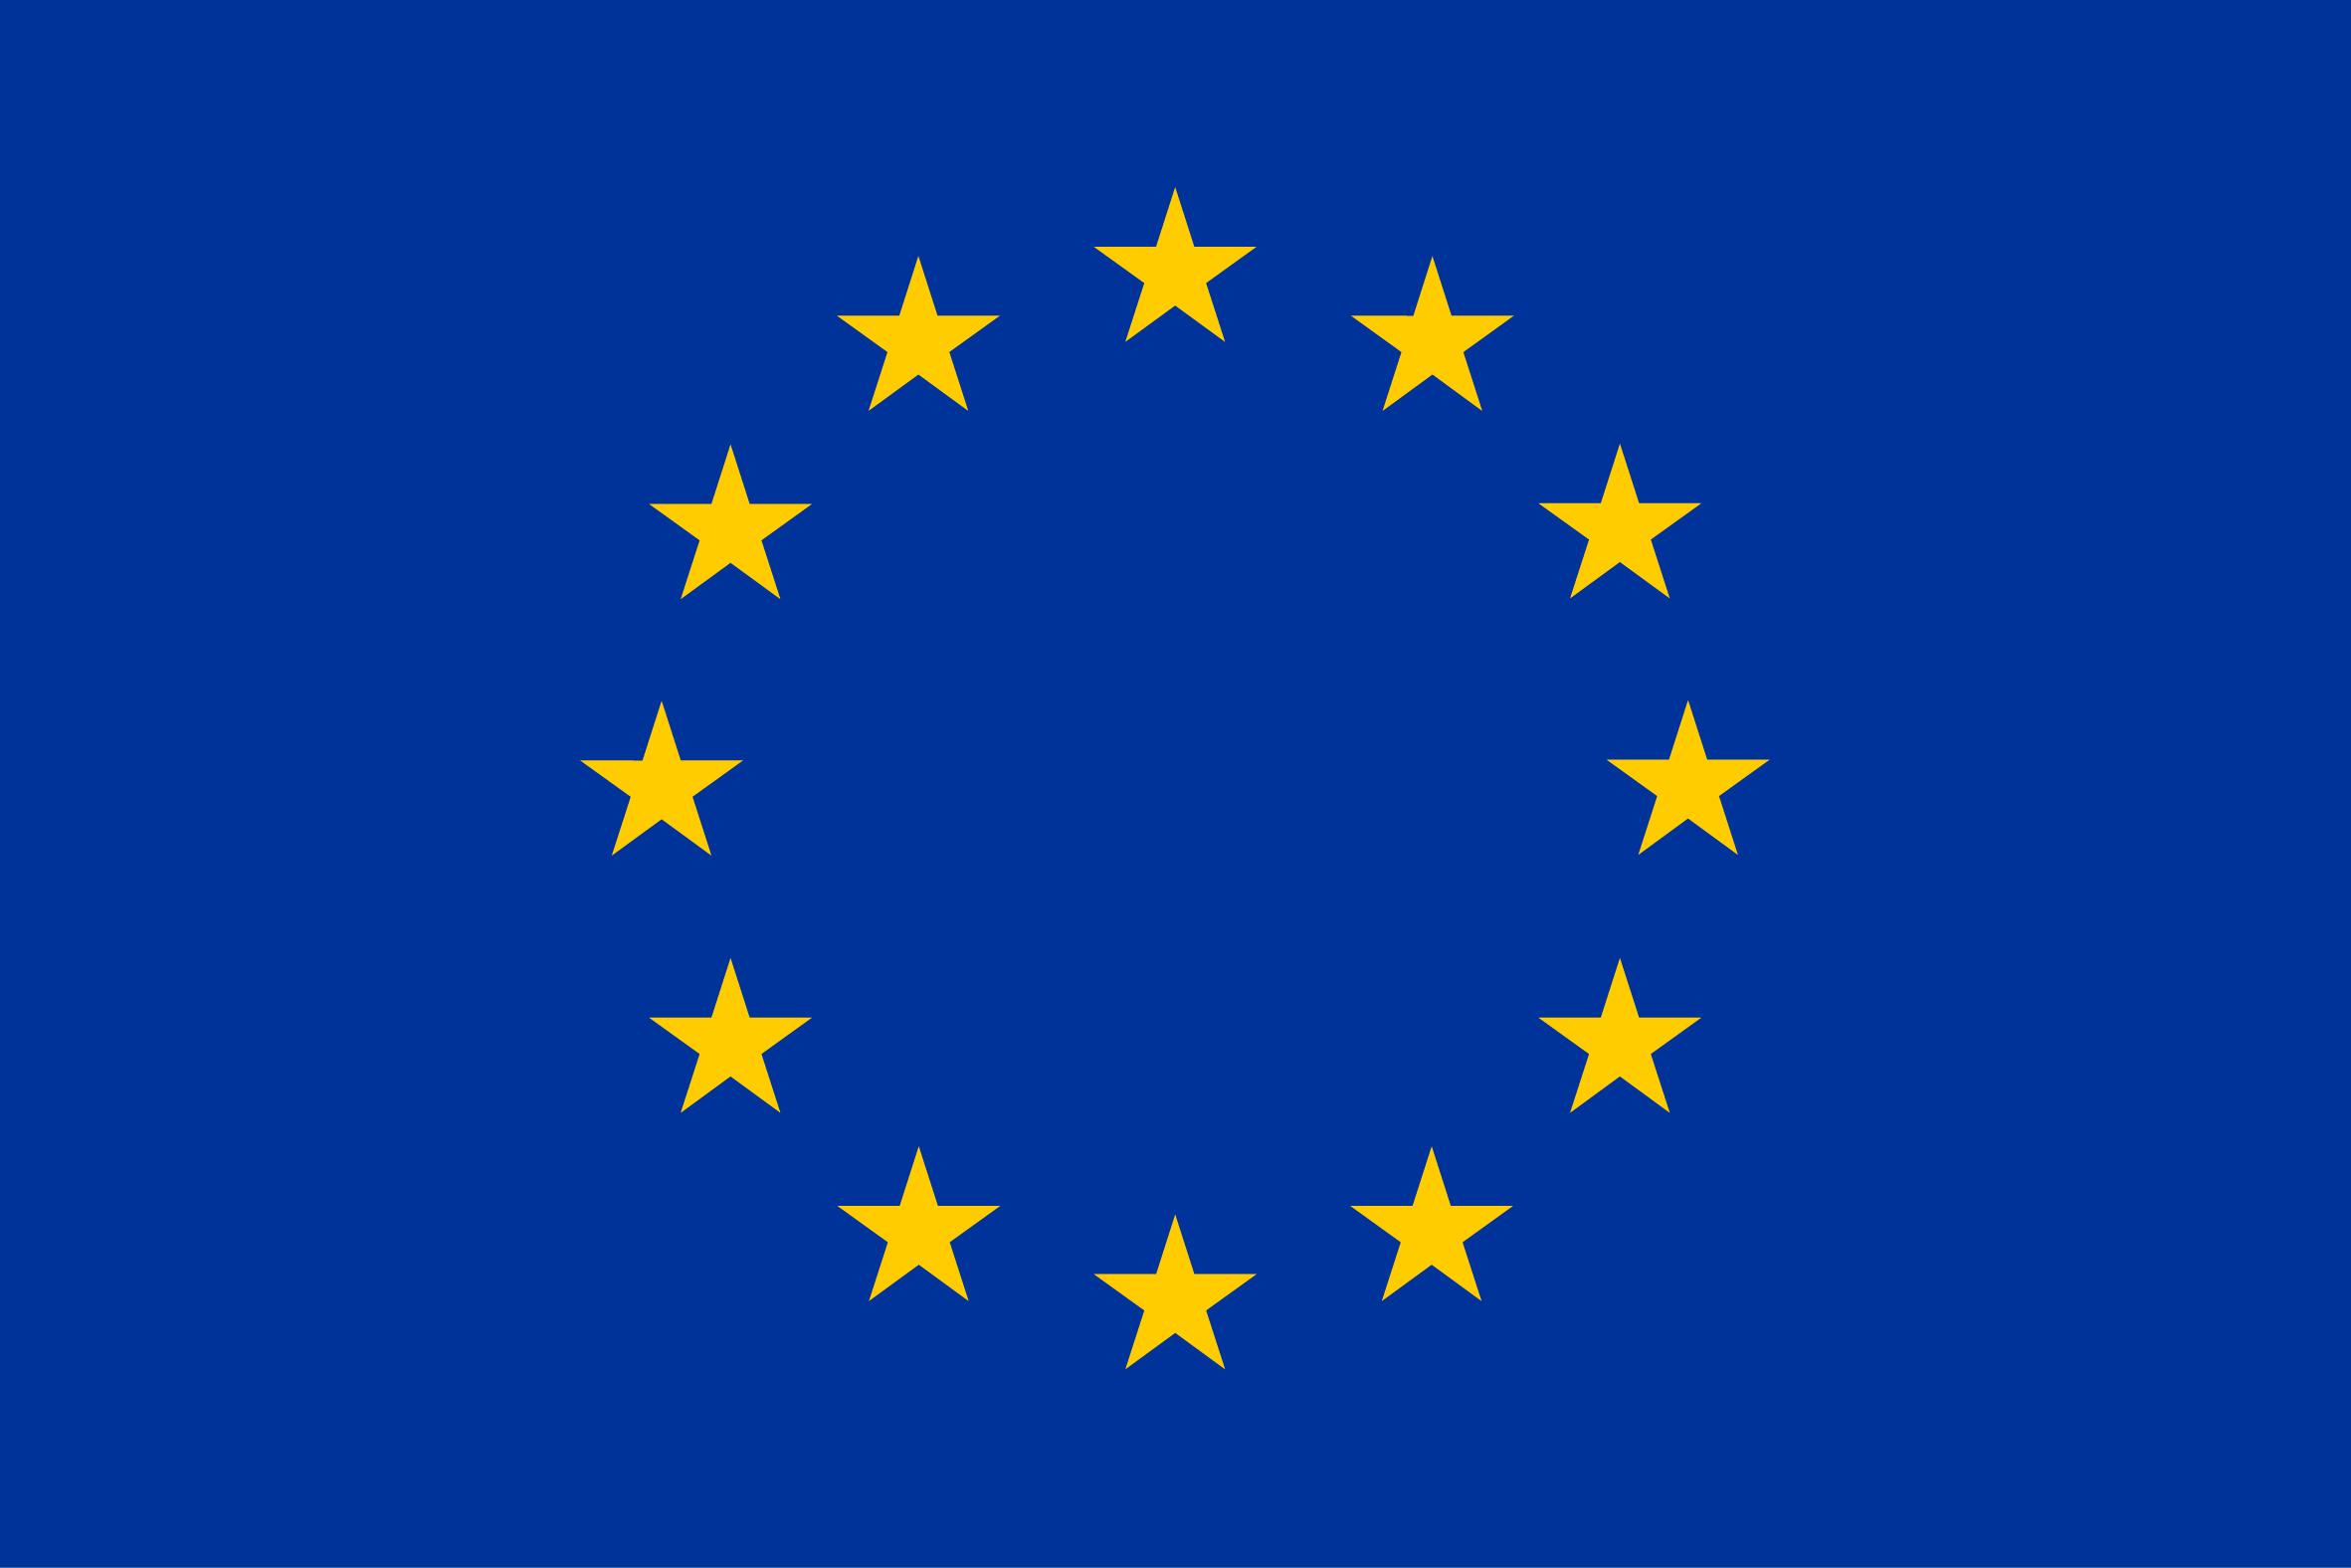 EU emblem.